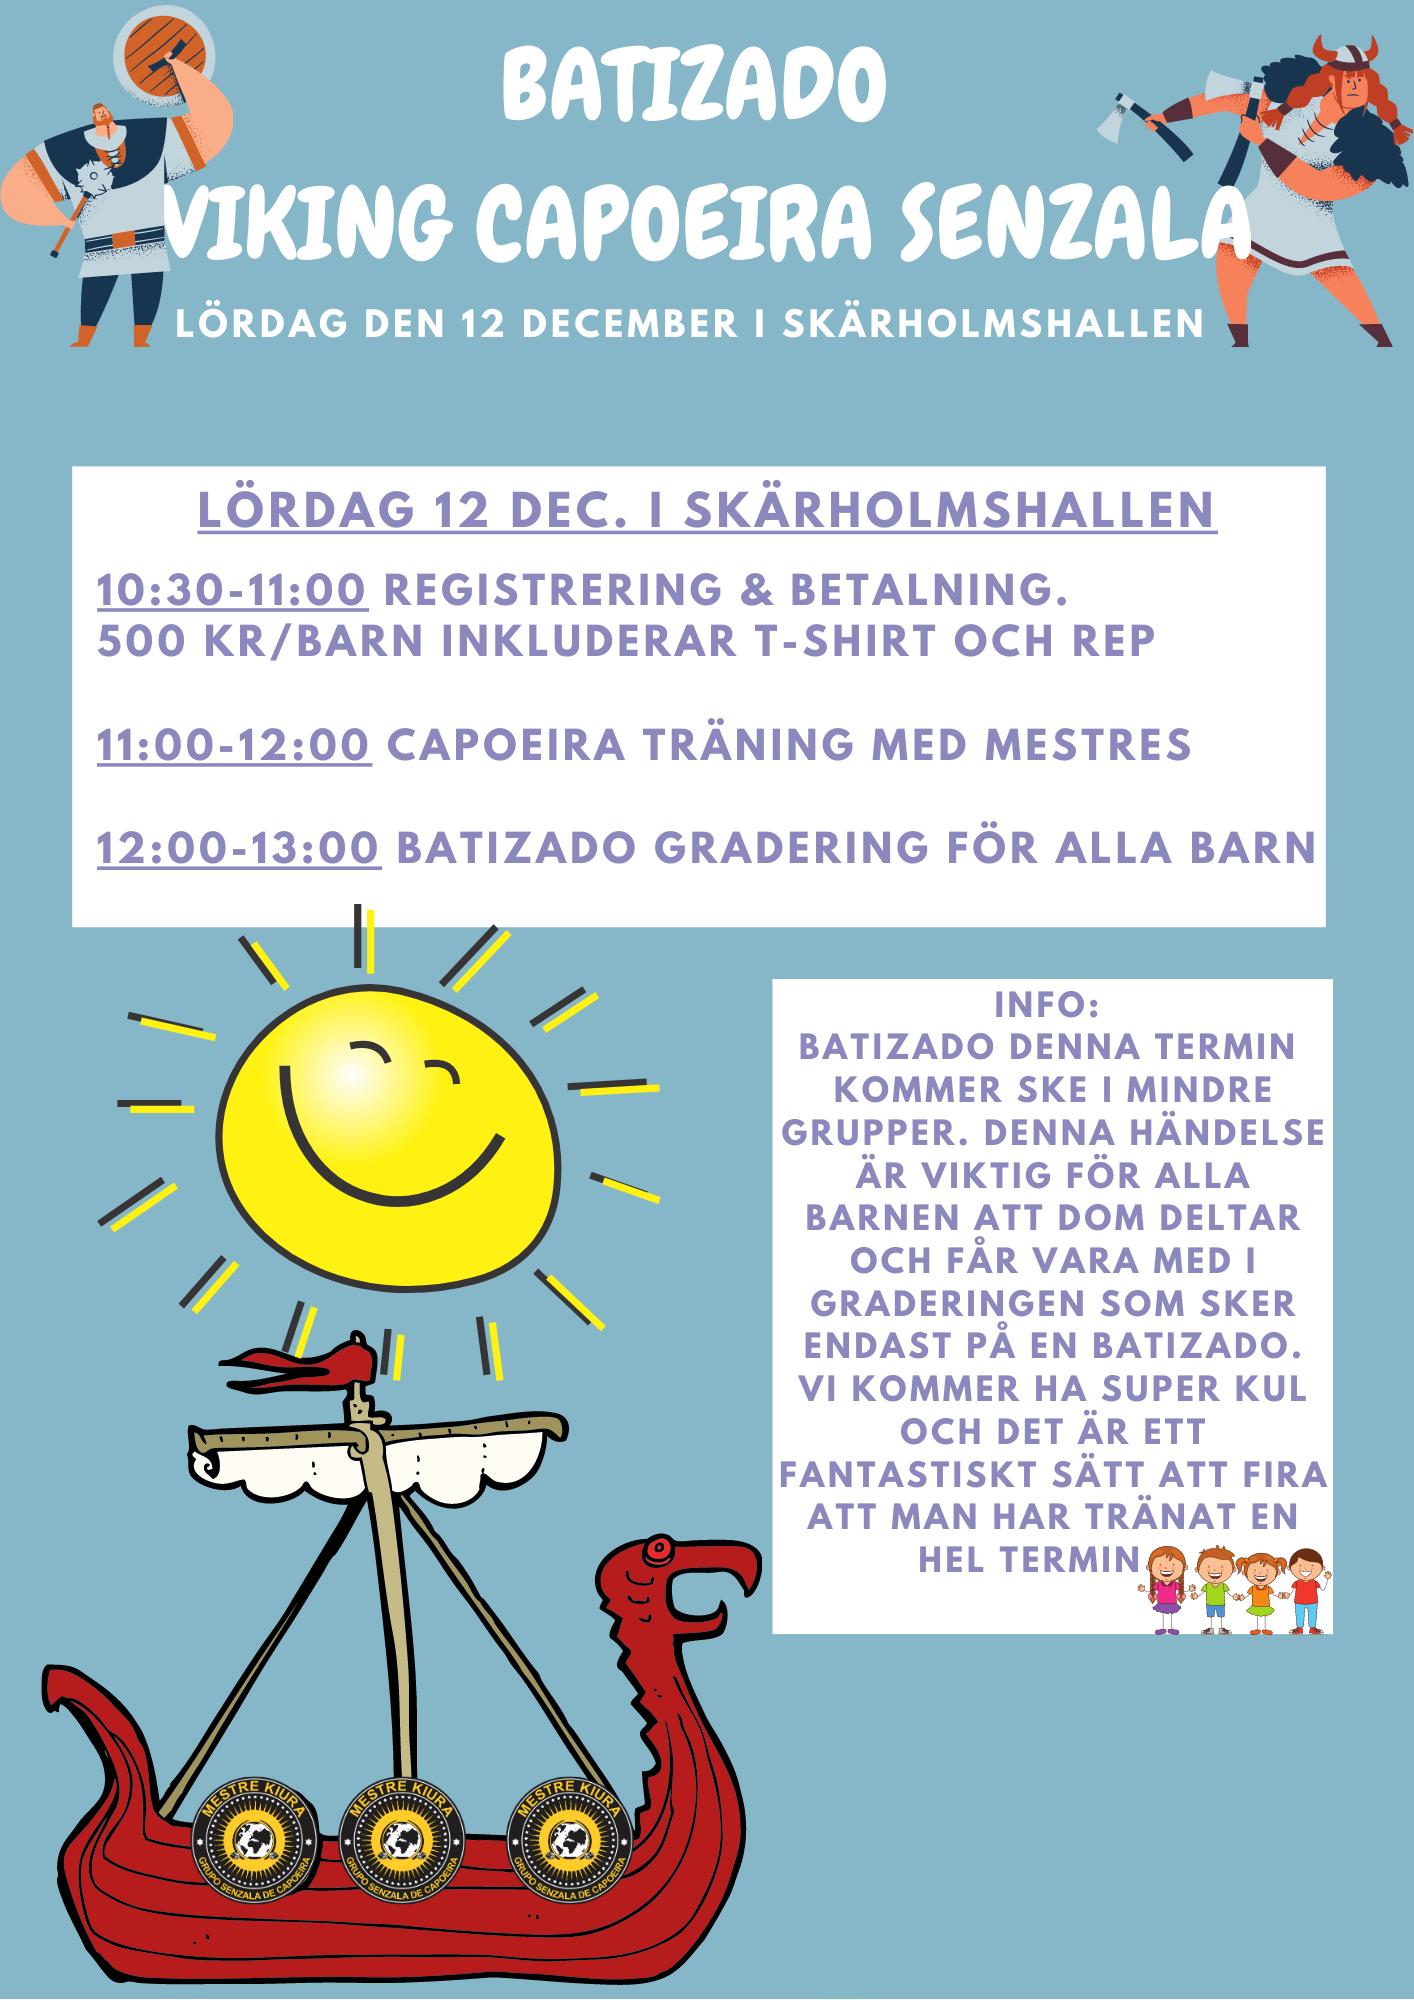 Barngrupper Aspudden, Huddinge & Vårby Schema För Batizado Lördag 12 December.jpg